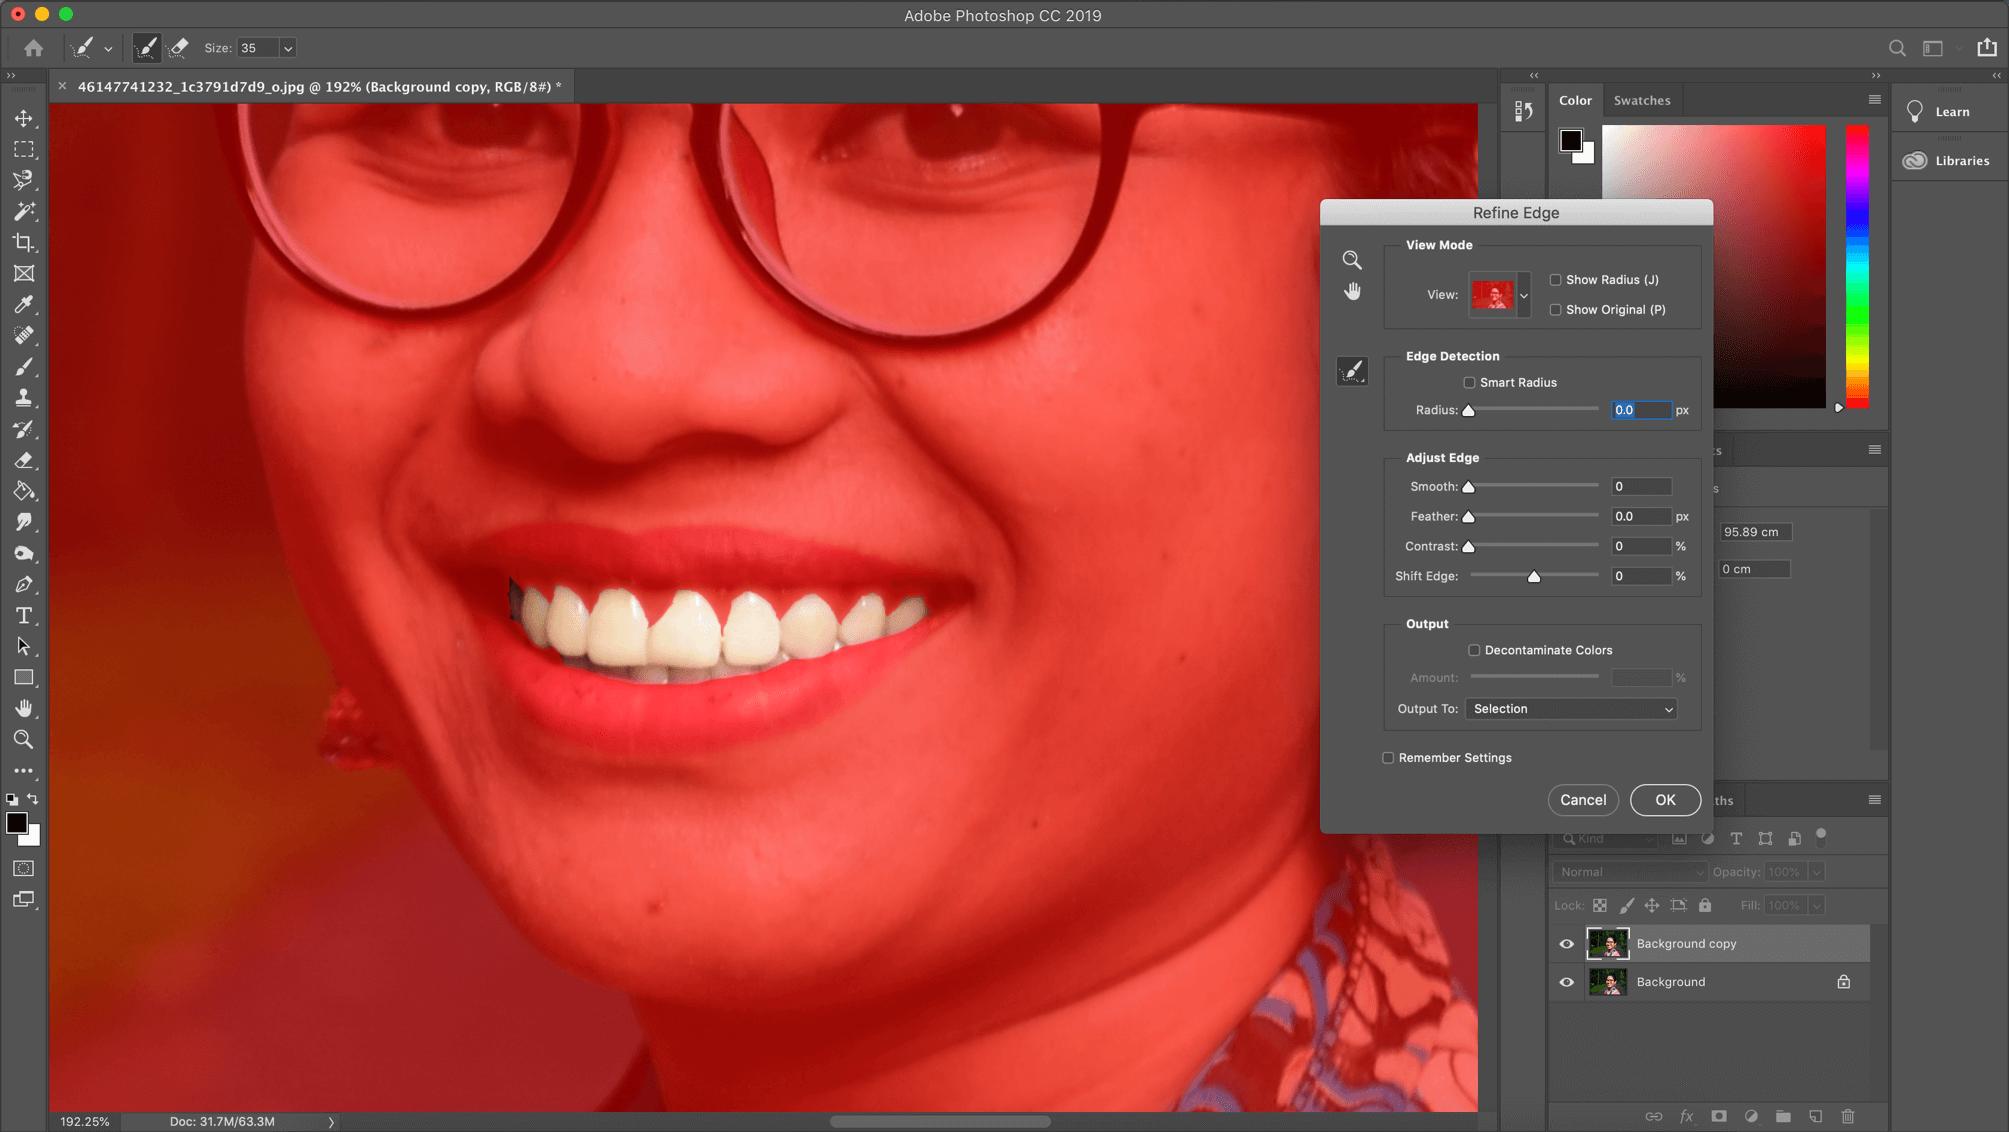 Refine edge Photoshop tool